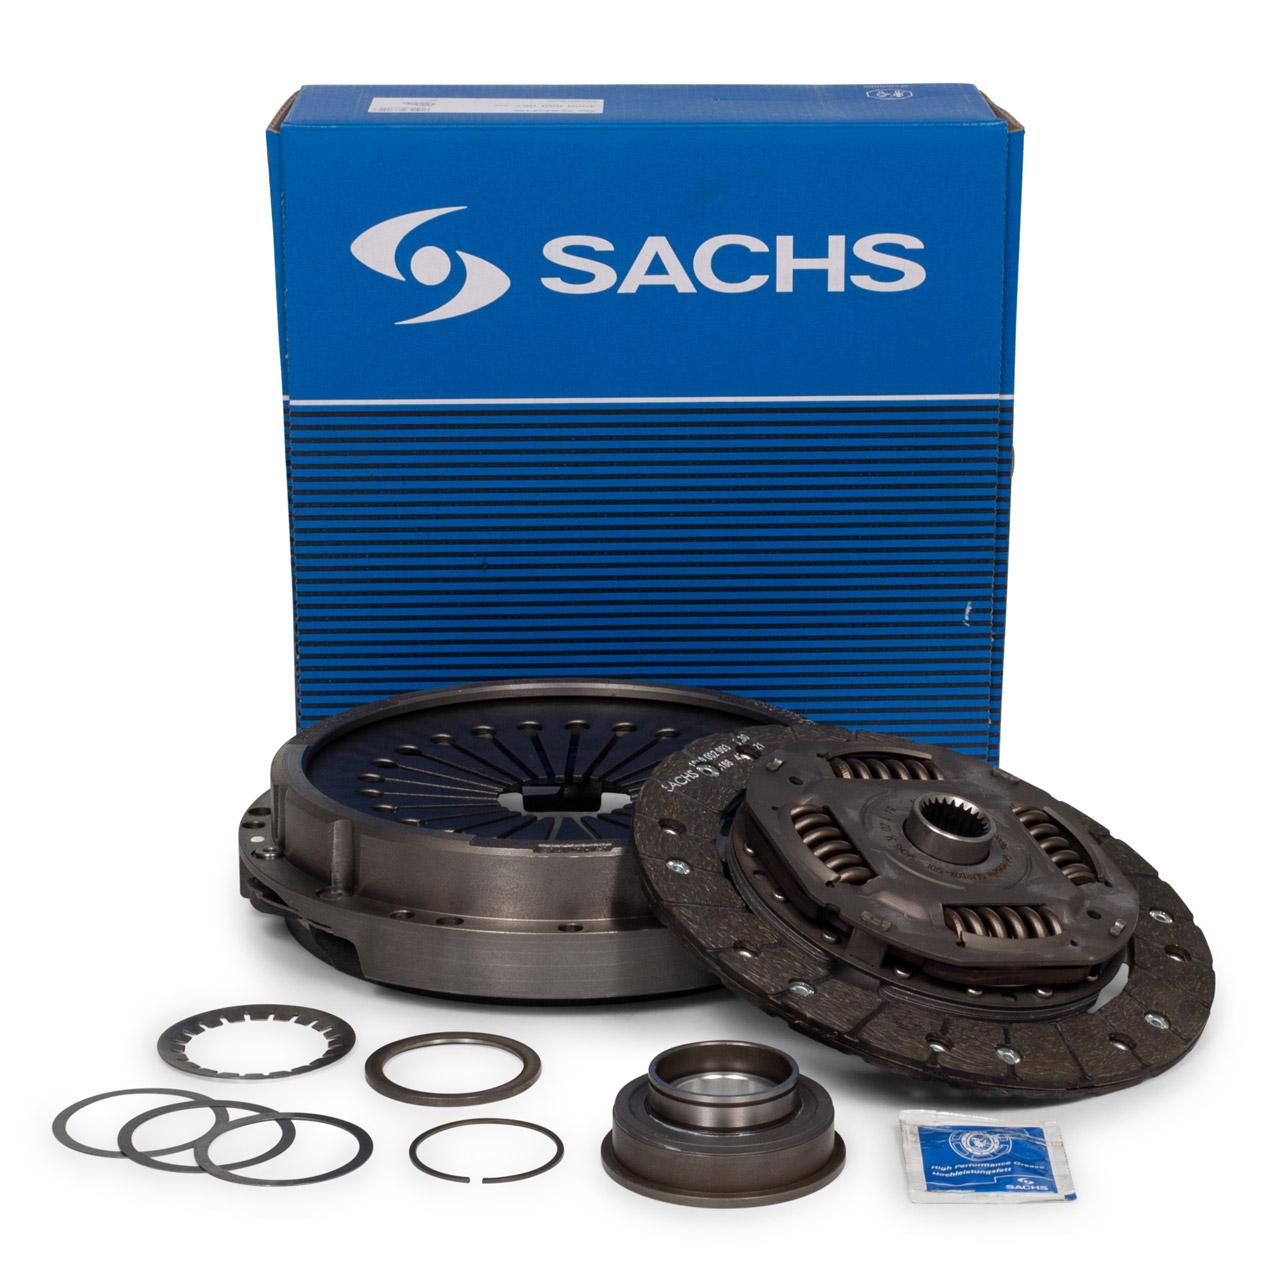 SACHS Kupplung Kupplungssatz PORSCHE 924 2.0 Turbo 2.5 S + 944 2.5-3.0